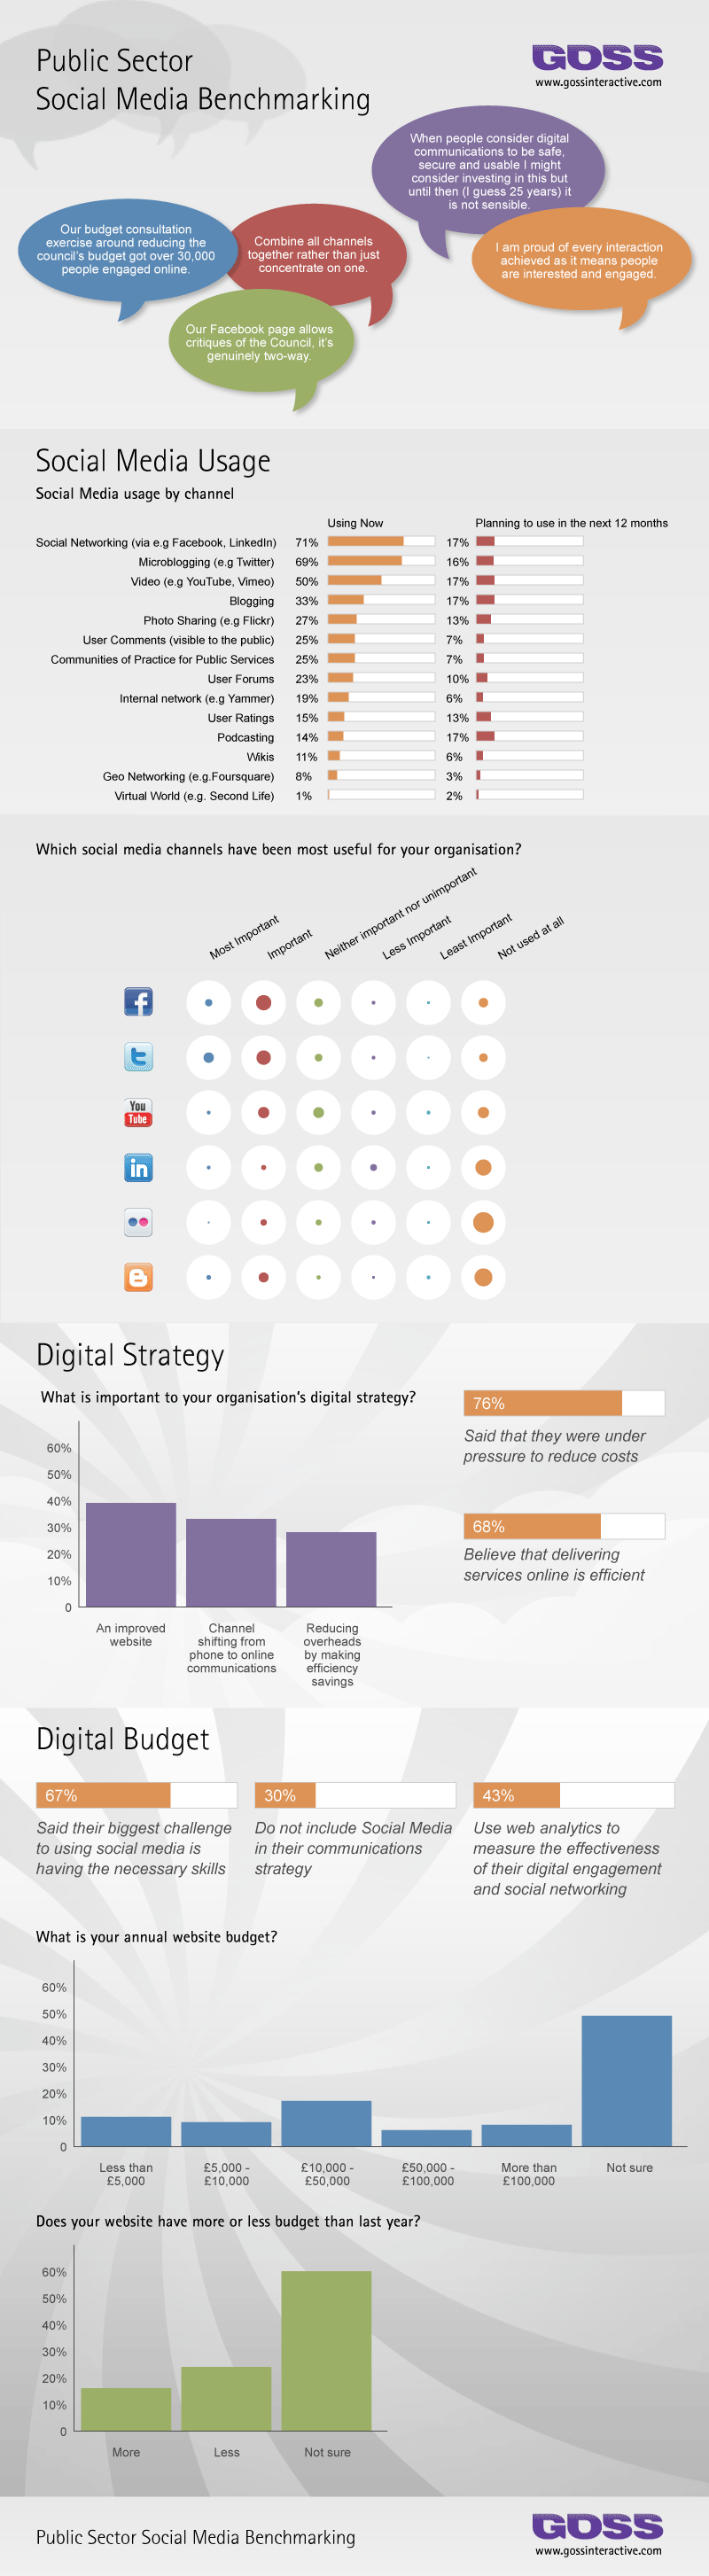 sector publico en medios digitales y social media